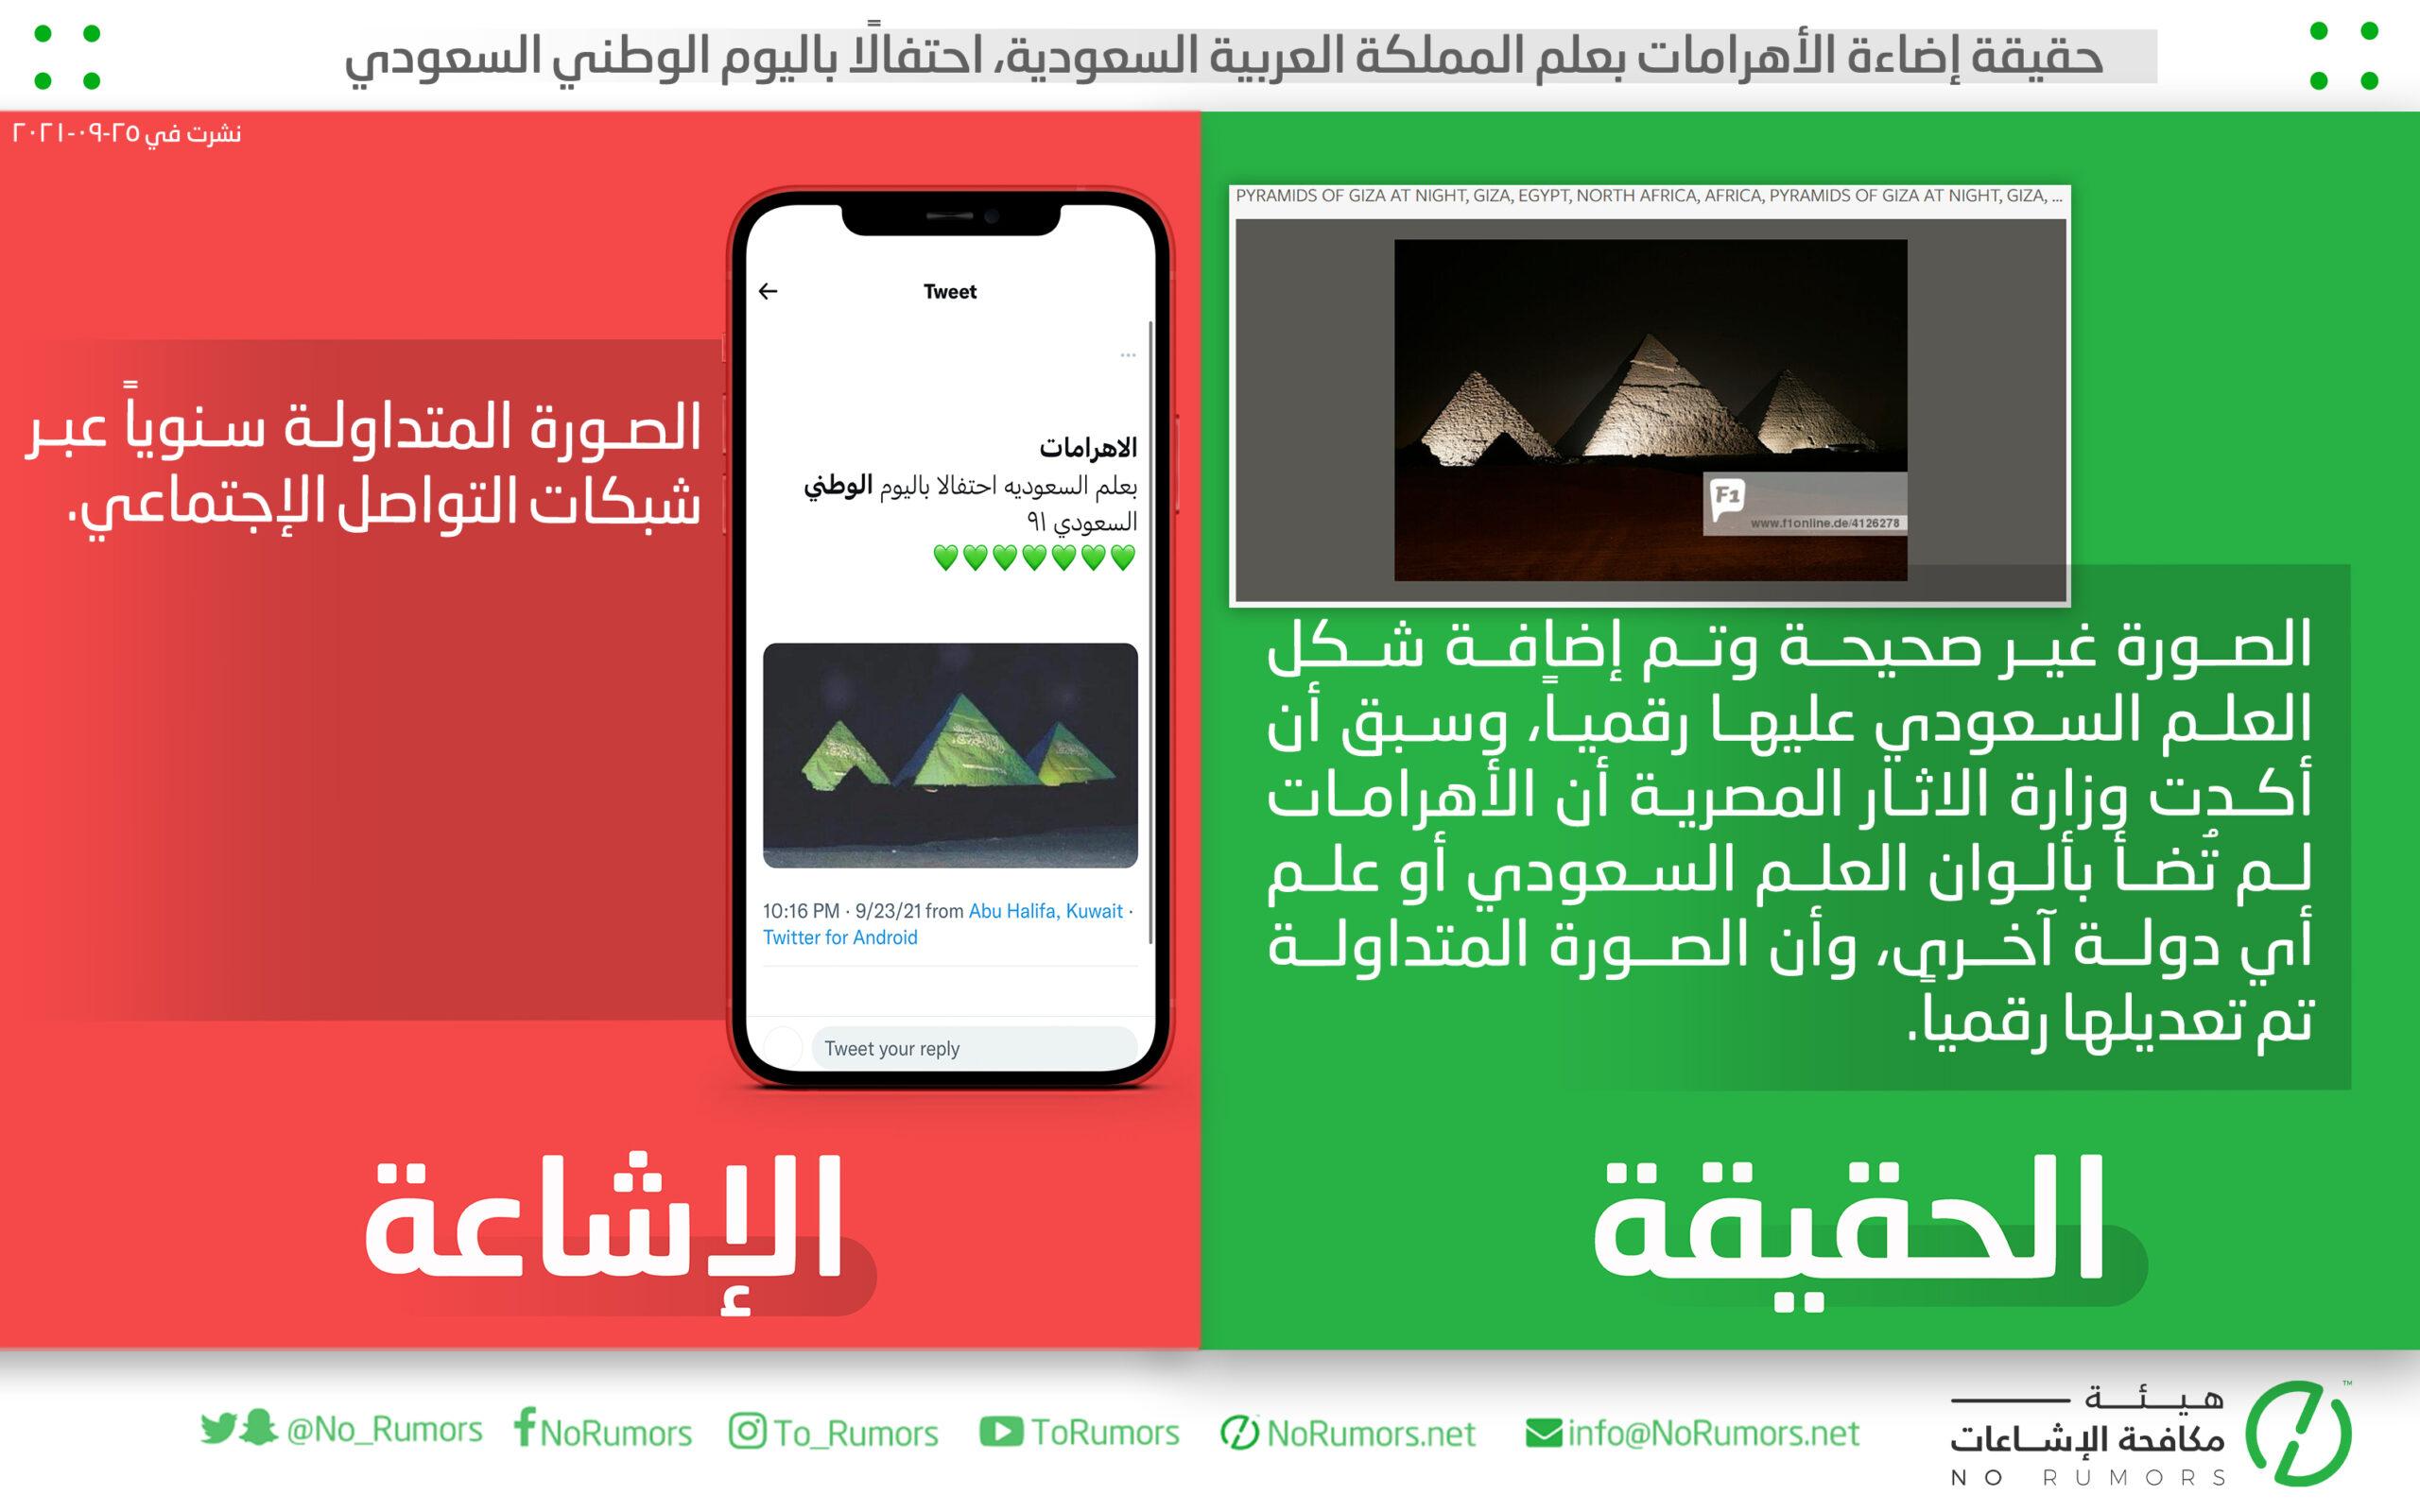 حقيقة إضاءة الأهرامات بعلم المملكة العربية السعودية، احتفالًا باليوم الوطني السعودي